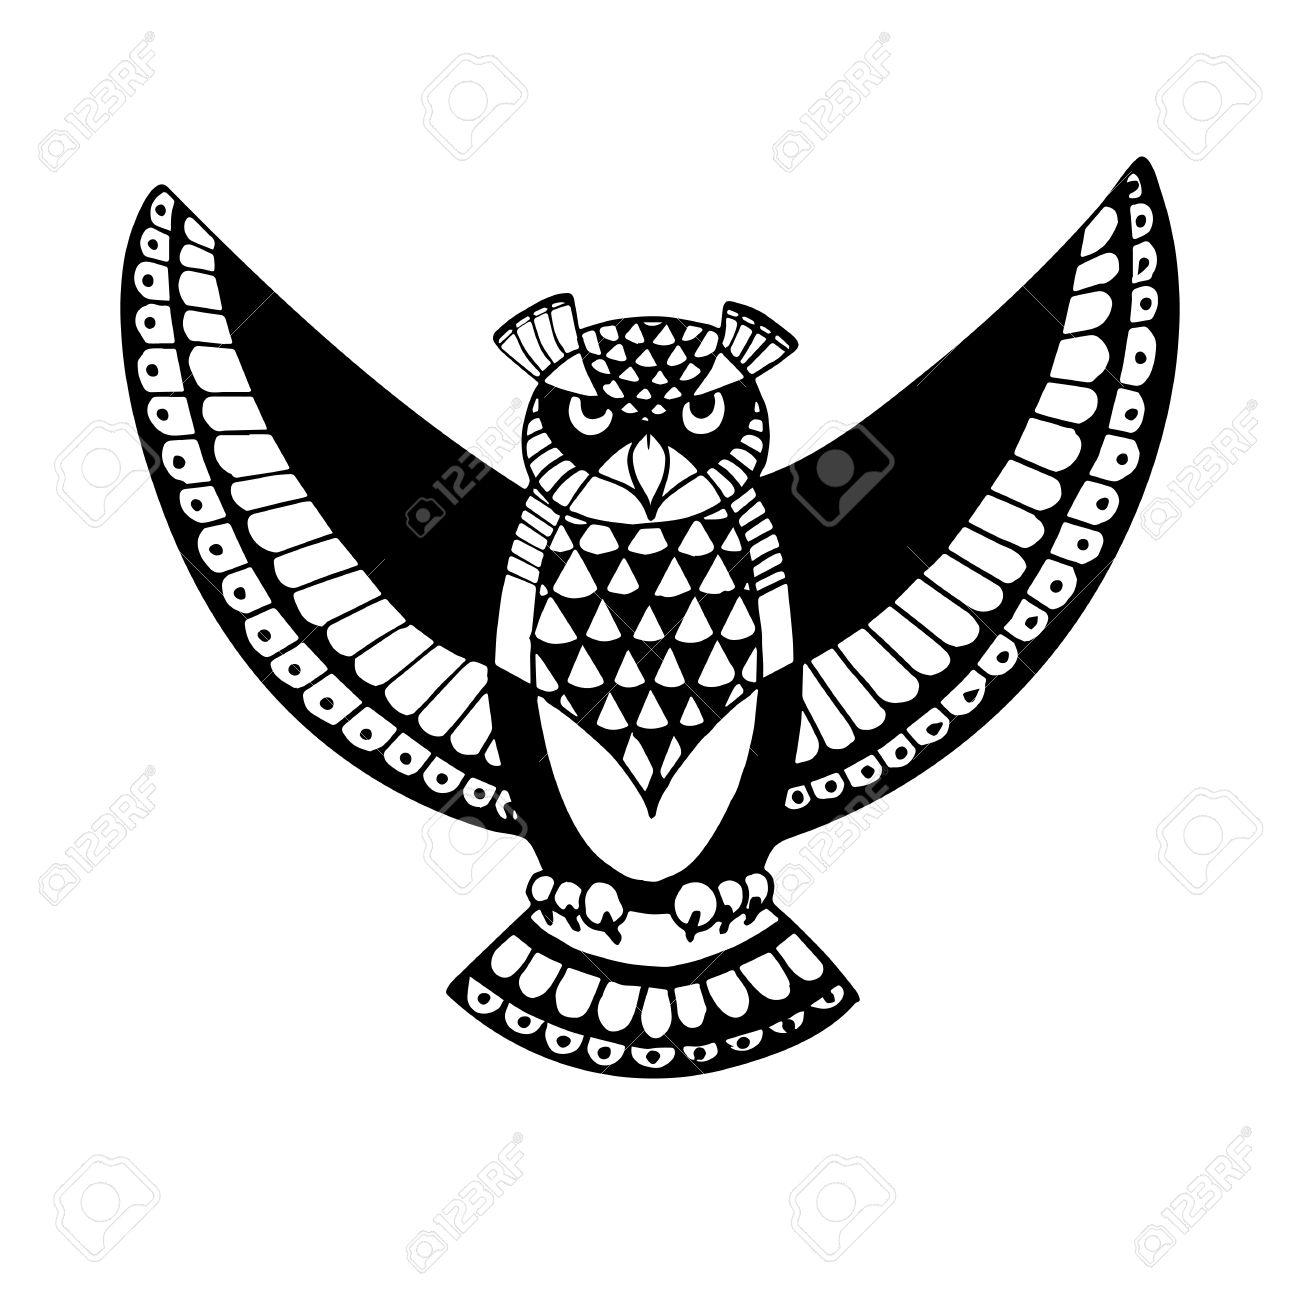 La Chouette Symbole chouette. bird - symbole de la sagesse. conception idée pour l